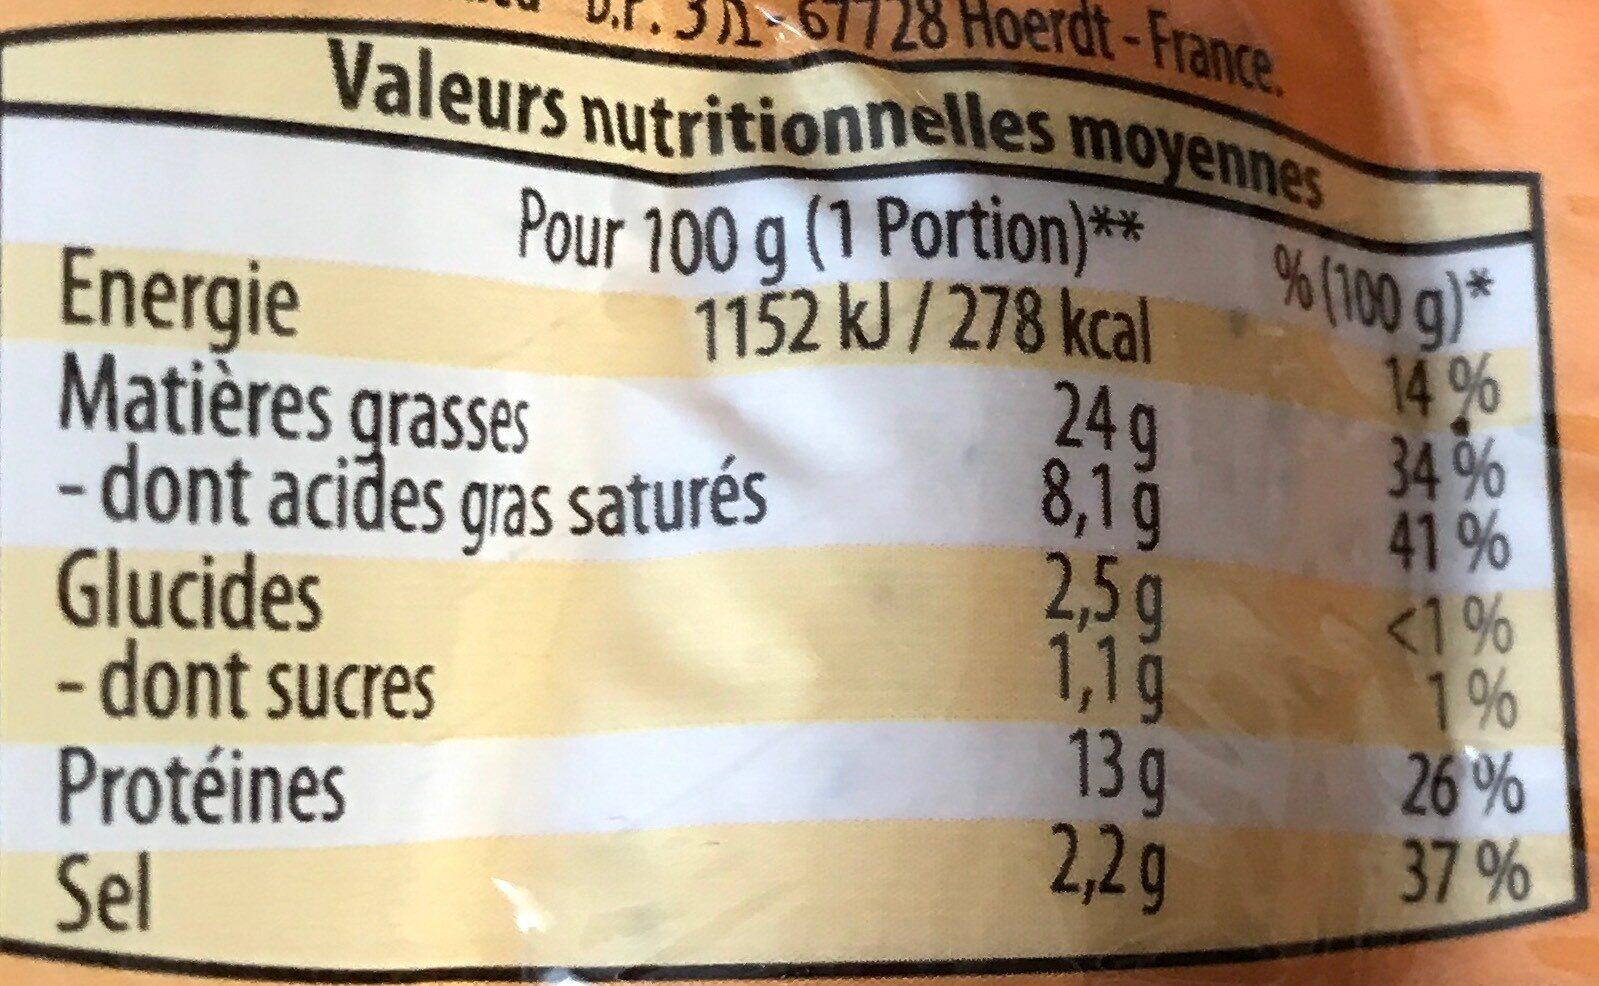 Saucisses blanches à griller aux herbes - Informations nutritionnelles - fr